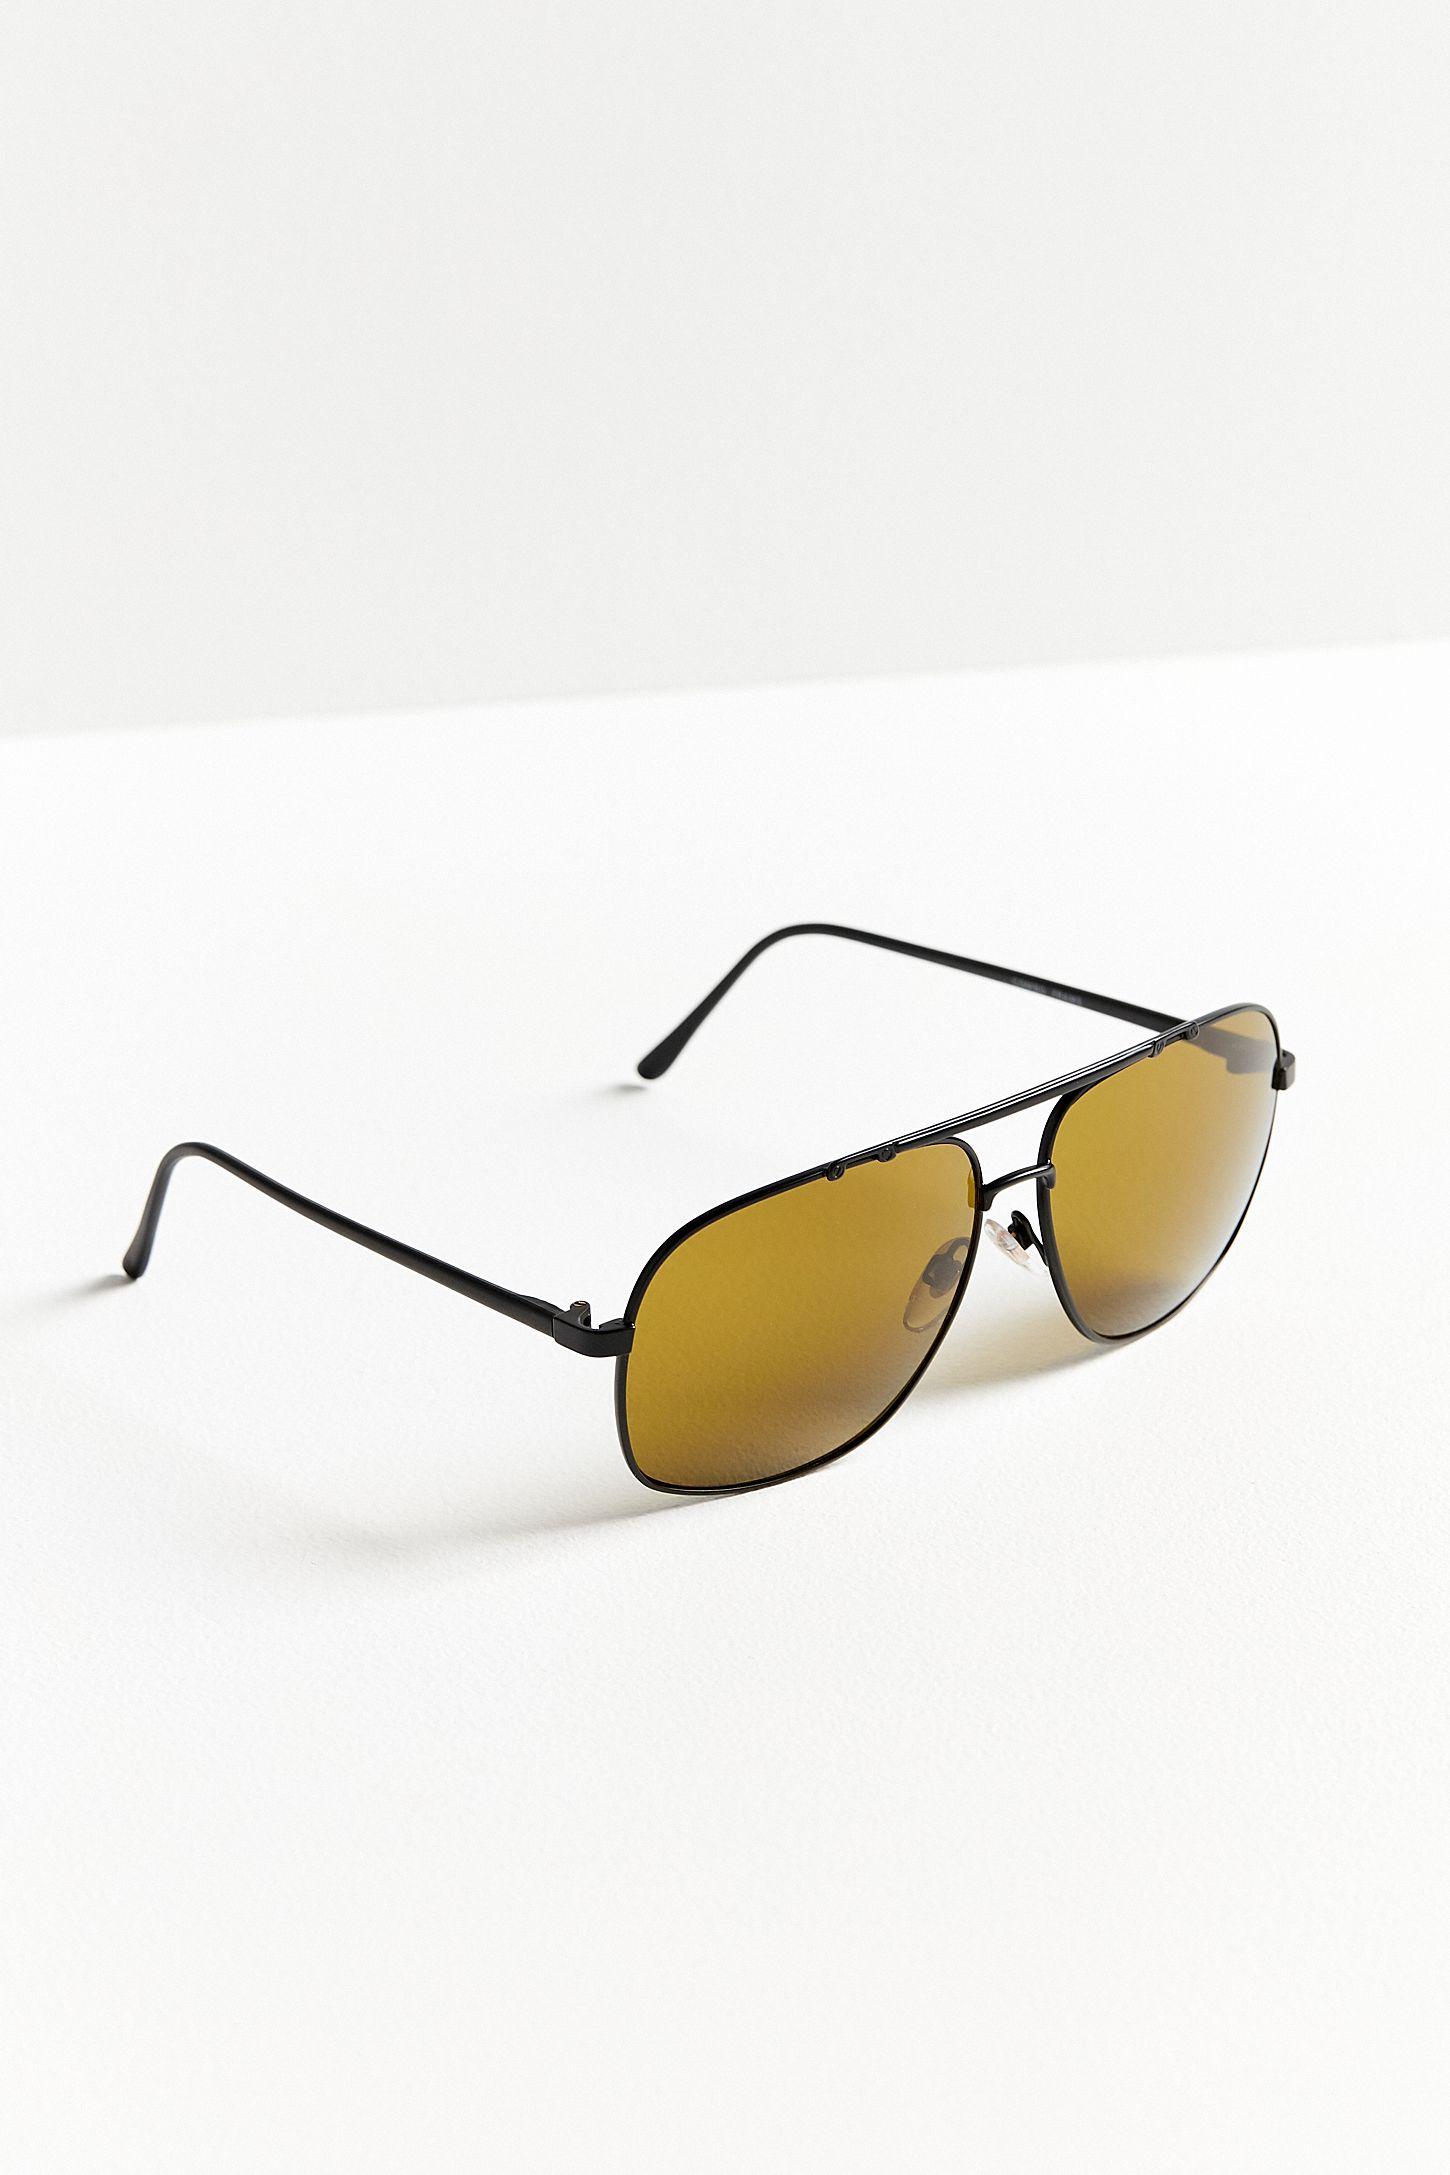 1ad27ceaa0 Vintage Jade View Navigator Sunglasses